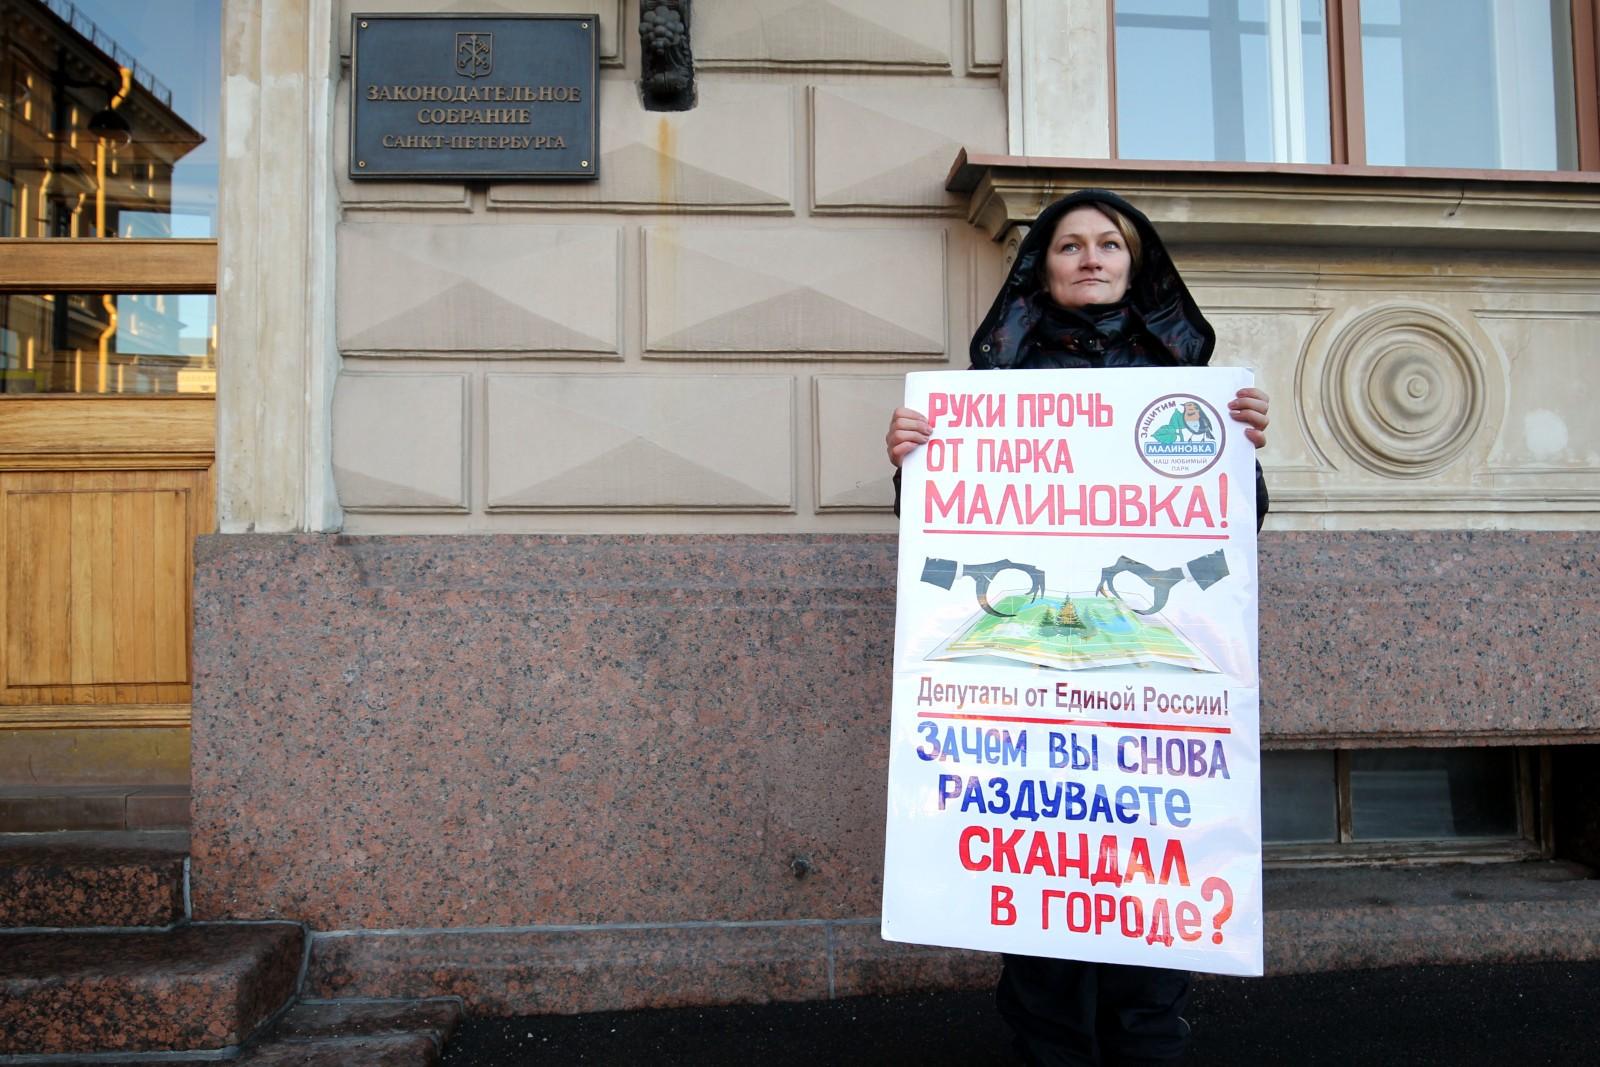 Законодательное Собрание одиночный пикет в защиту парка Малиновка